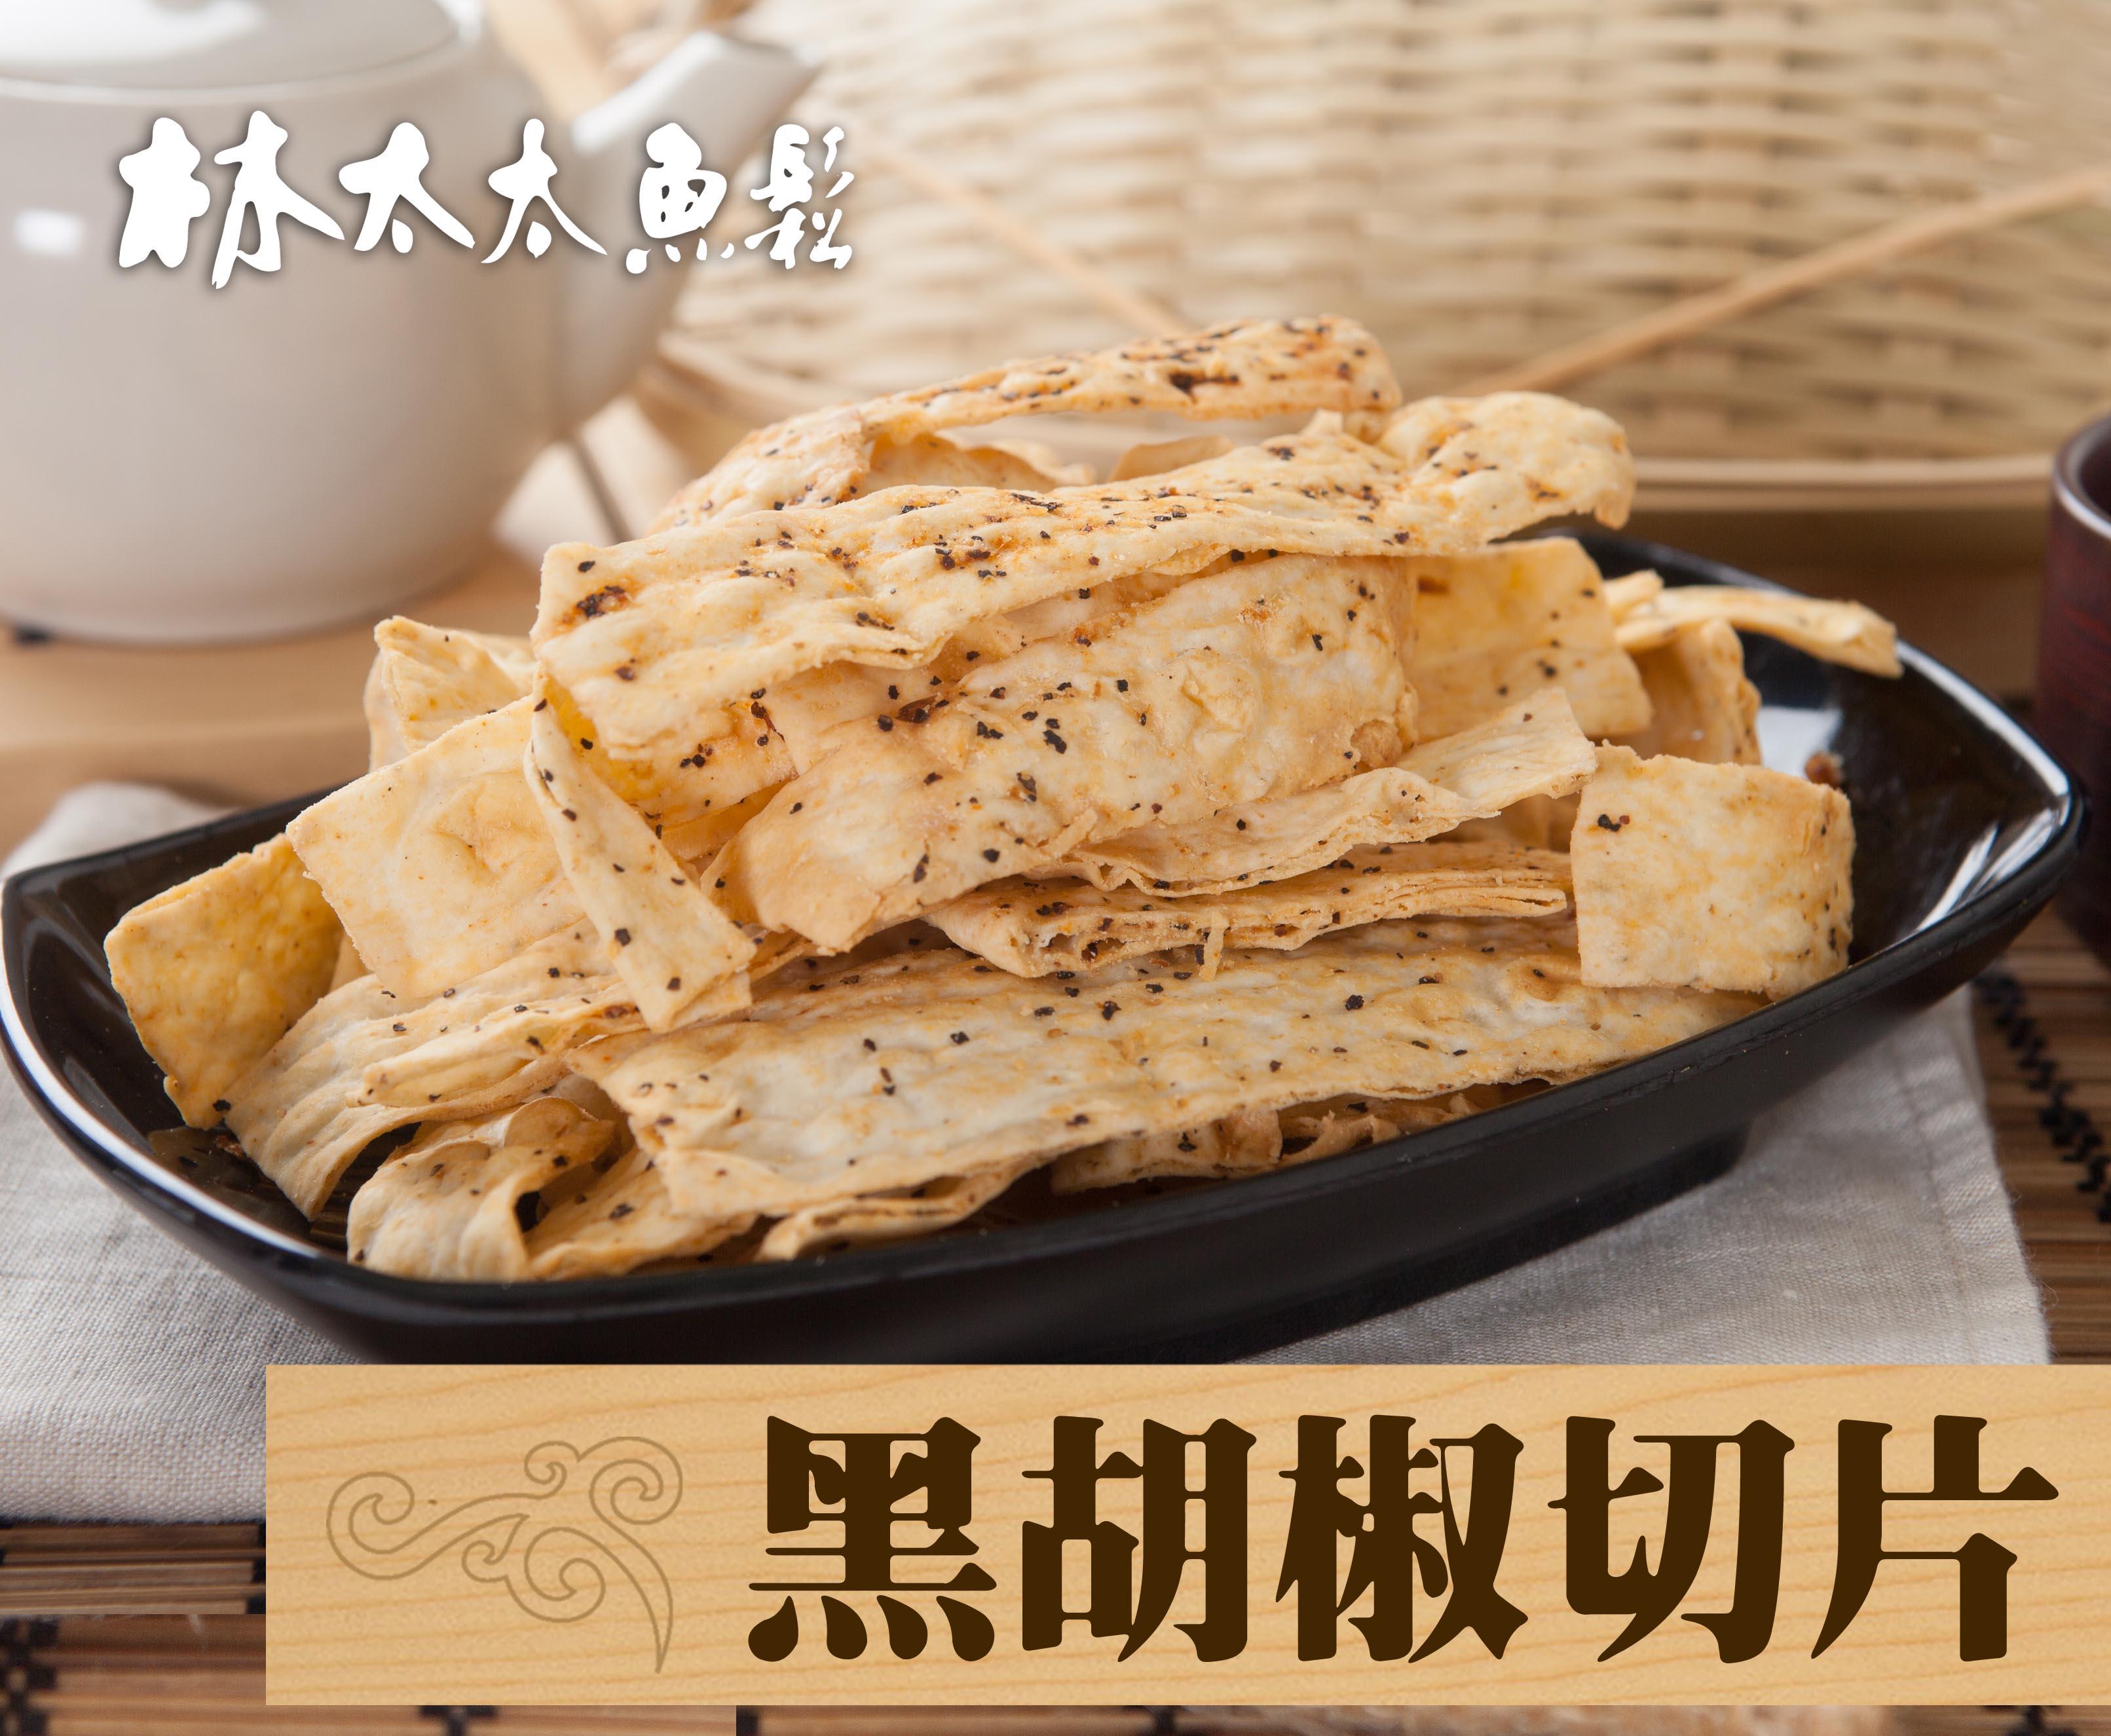 黑胡椒切片+海苔旗魚鬆 林太太魚鬆專賣